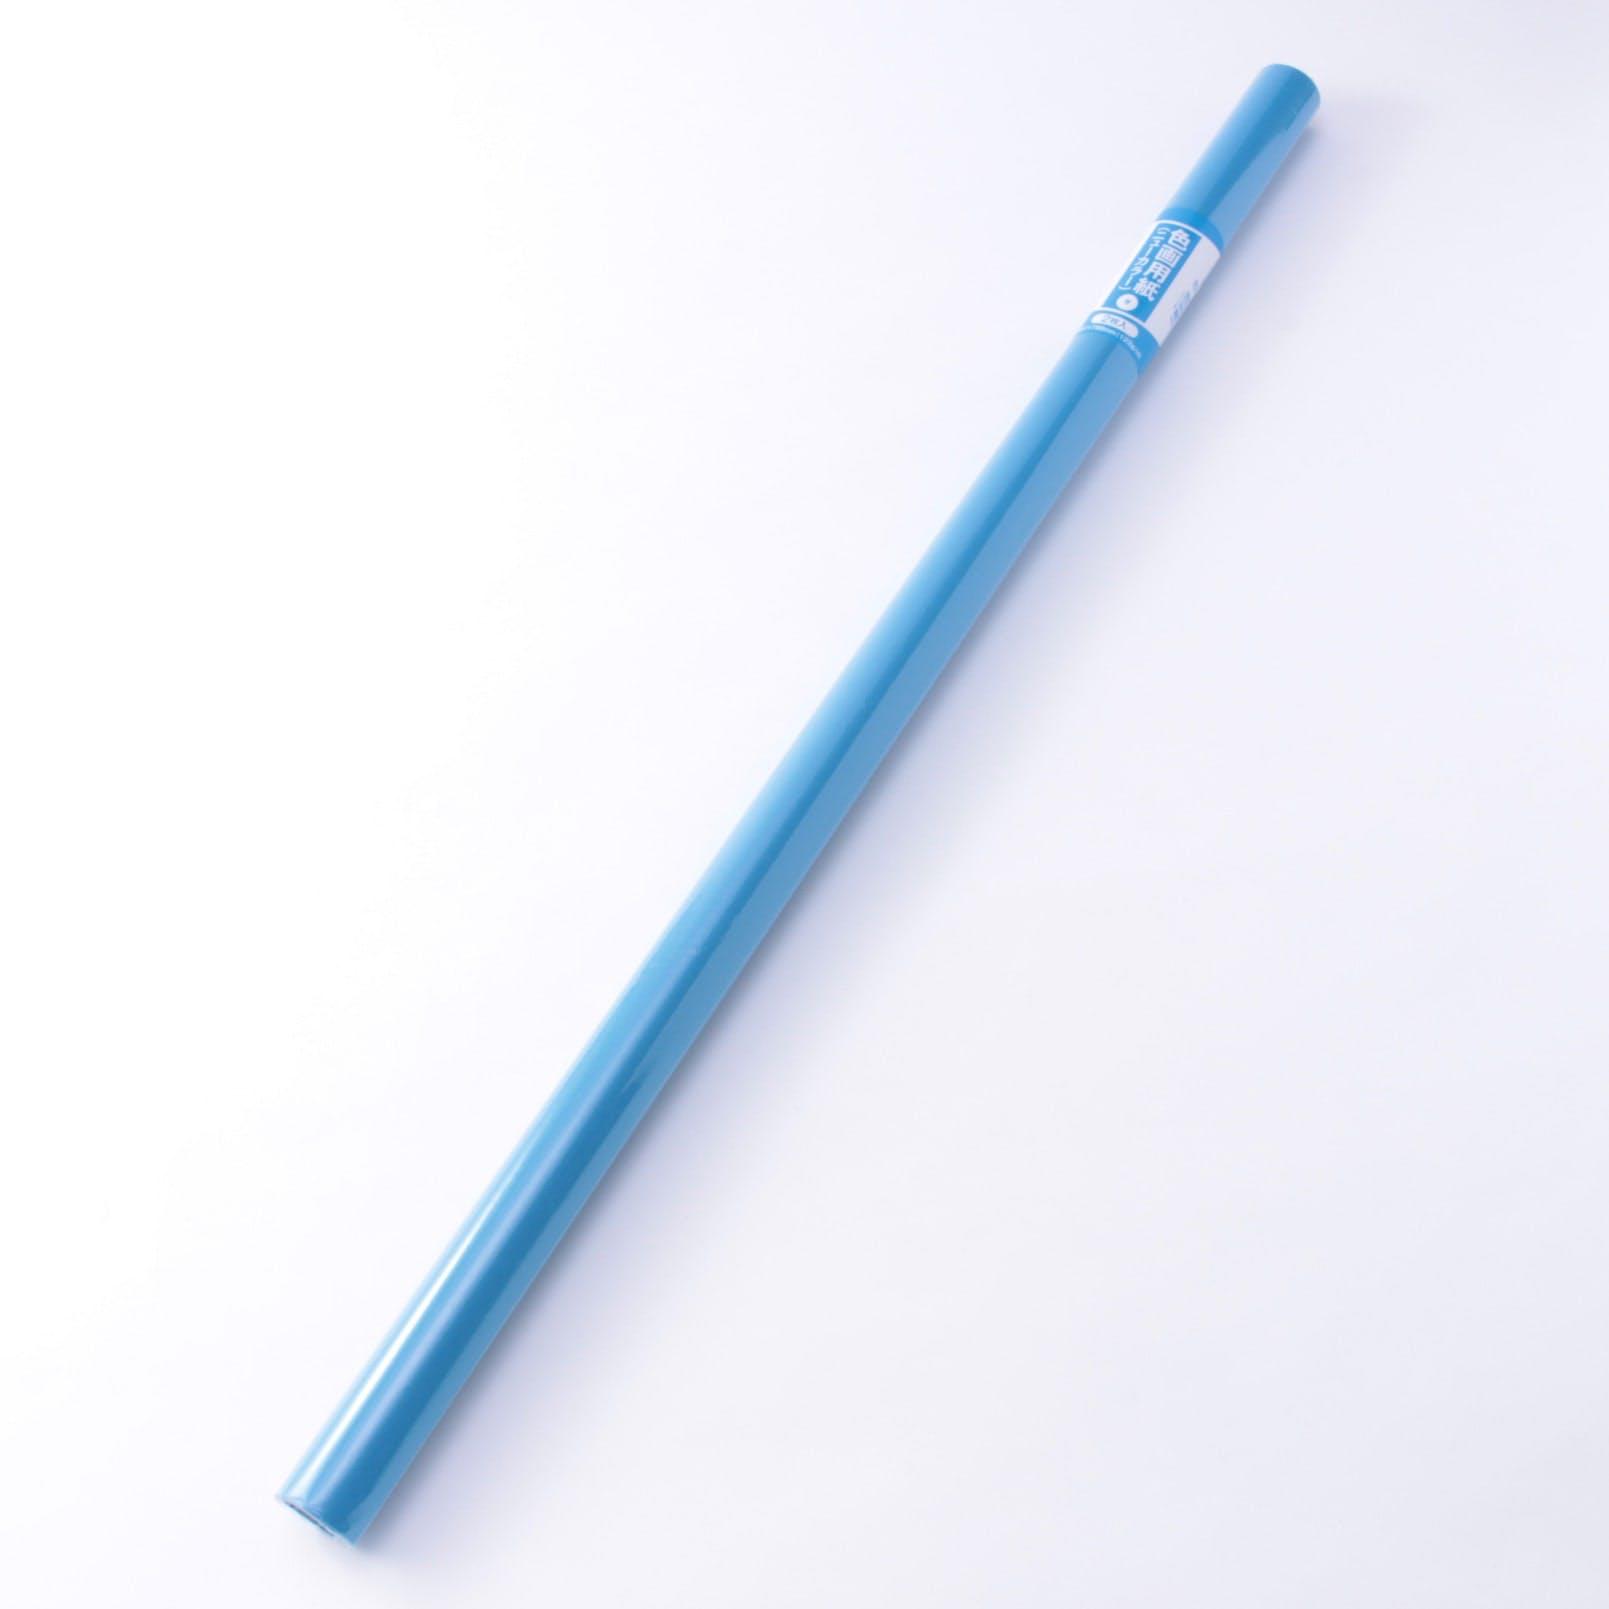 K ニューカラー巻紙 青 2枚, , product